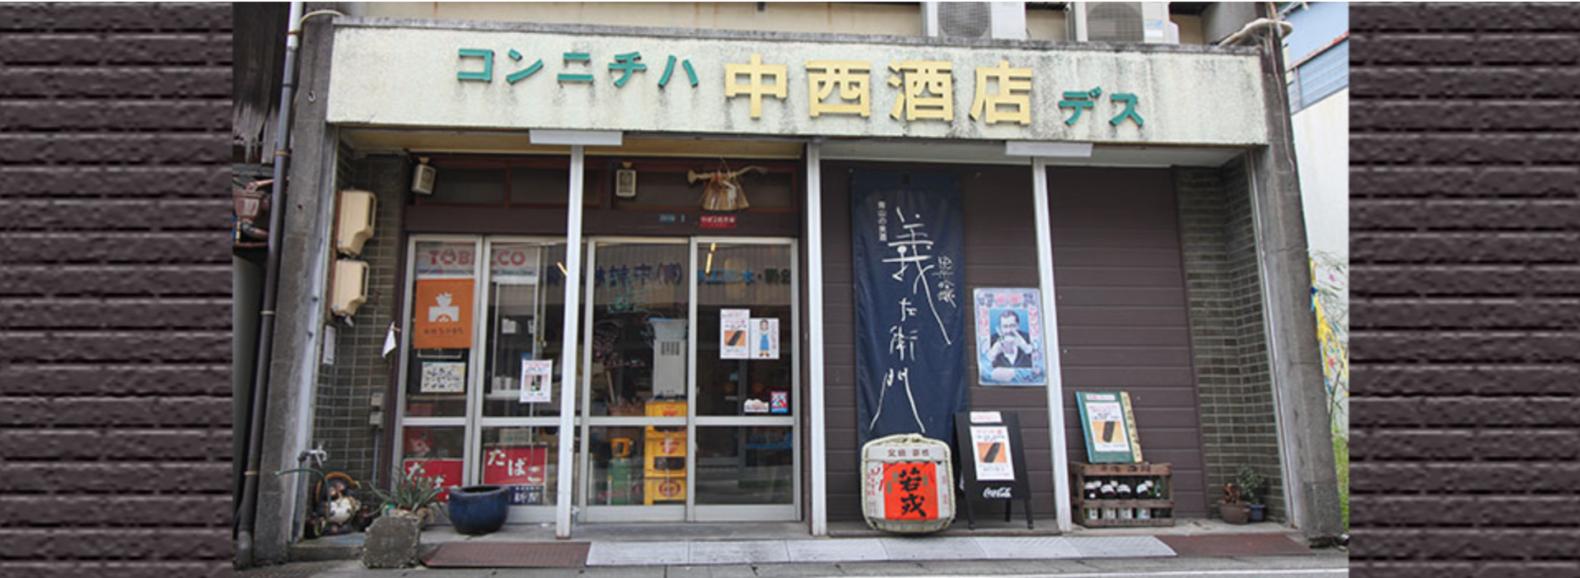 shop-nakanishisakeアイキャッチ